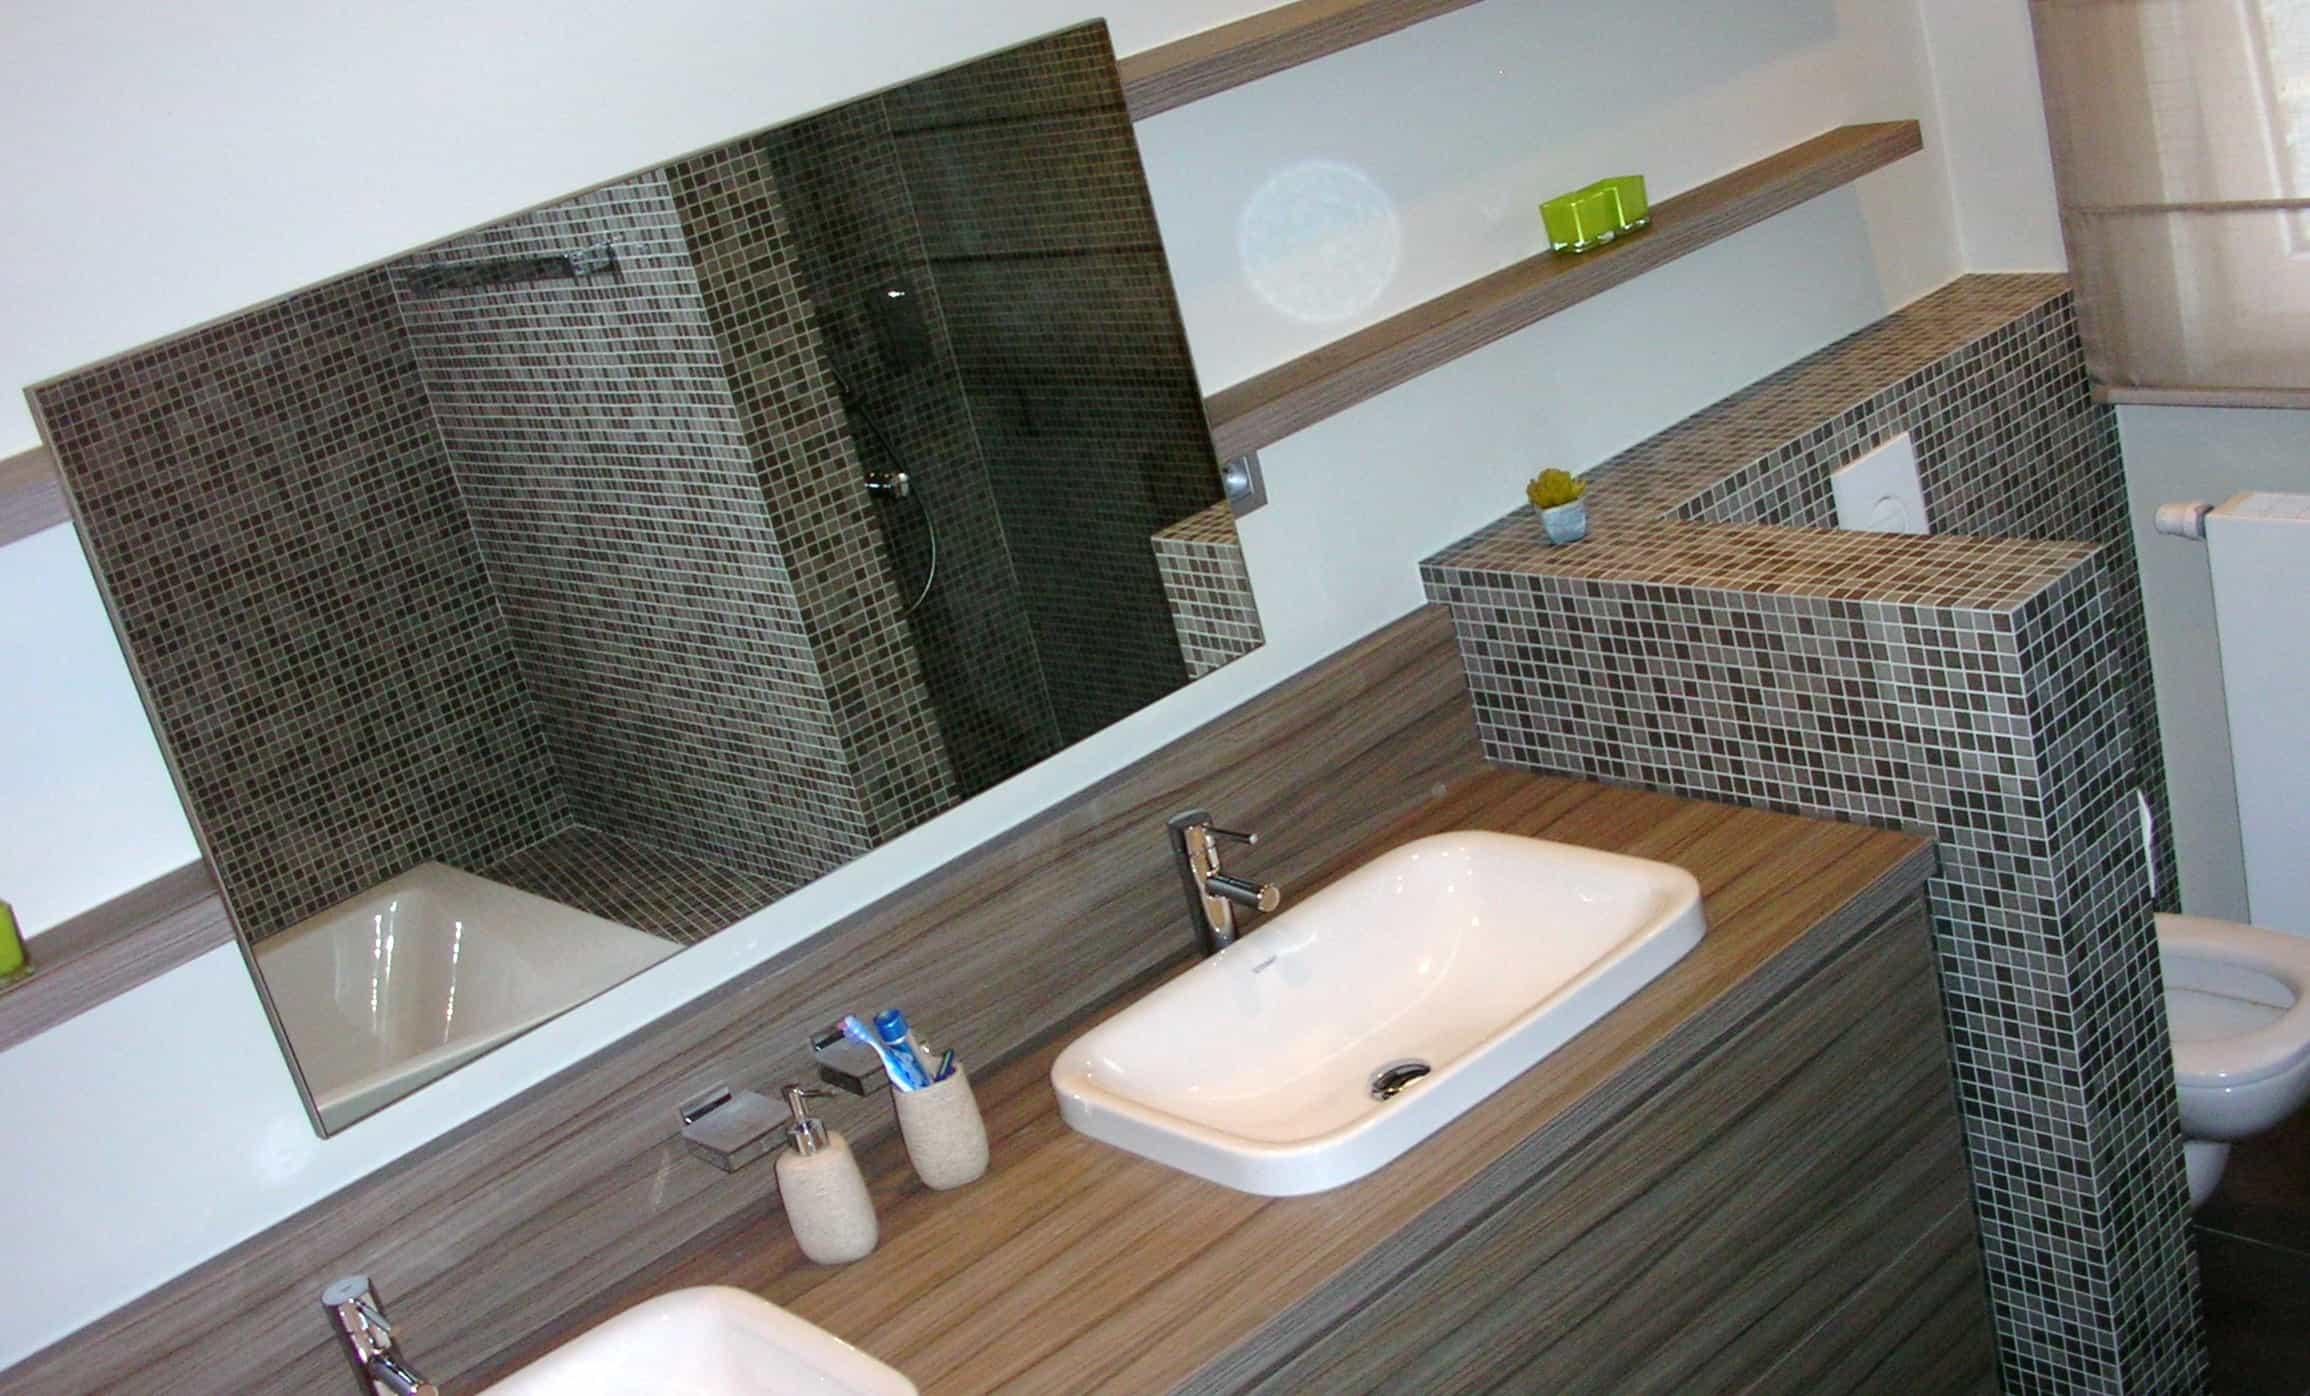 Badkamer renovatie genieten doe je in je eigen spa - Idee badkamer m ...